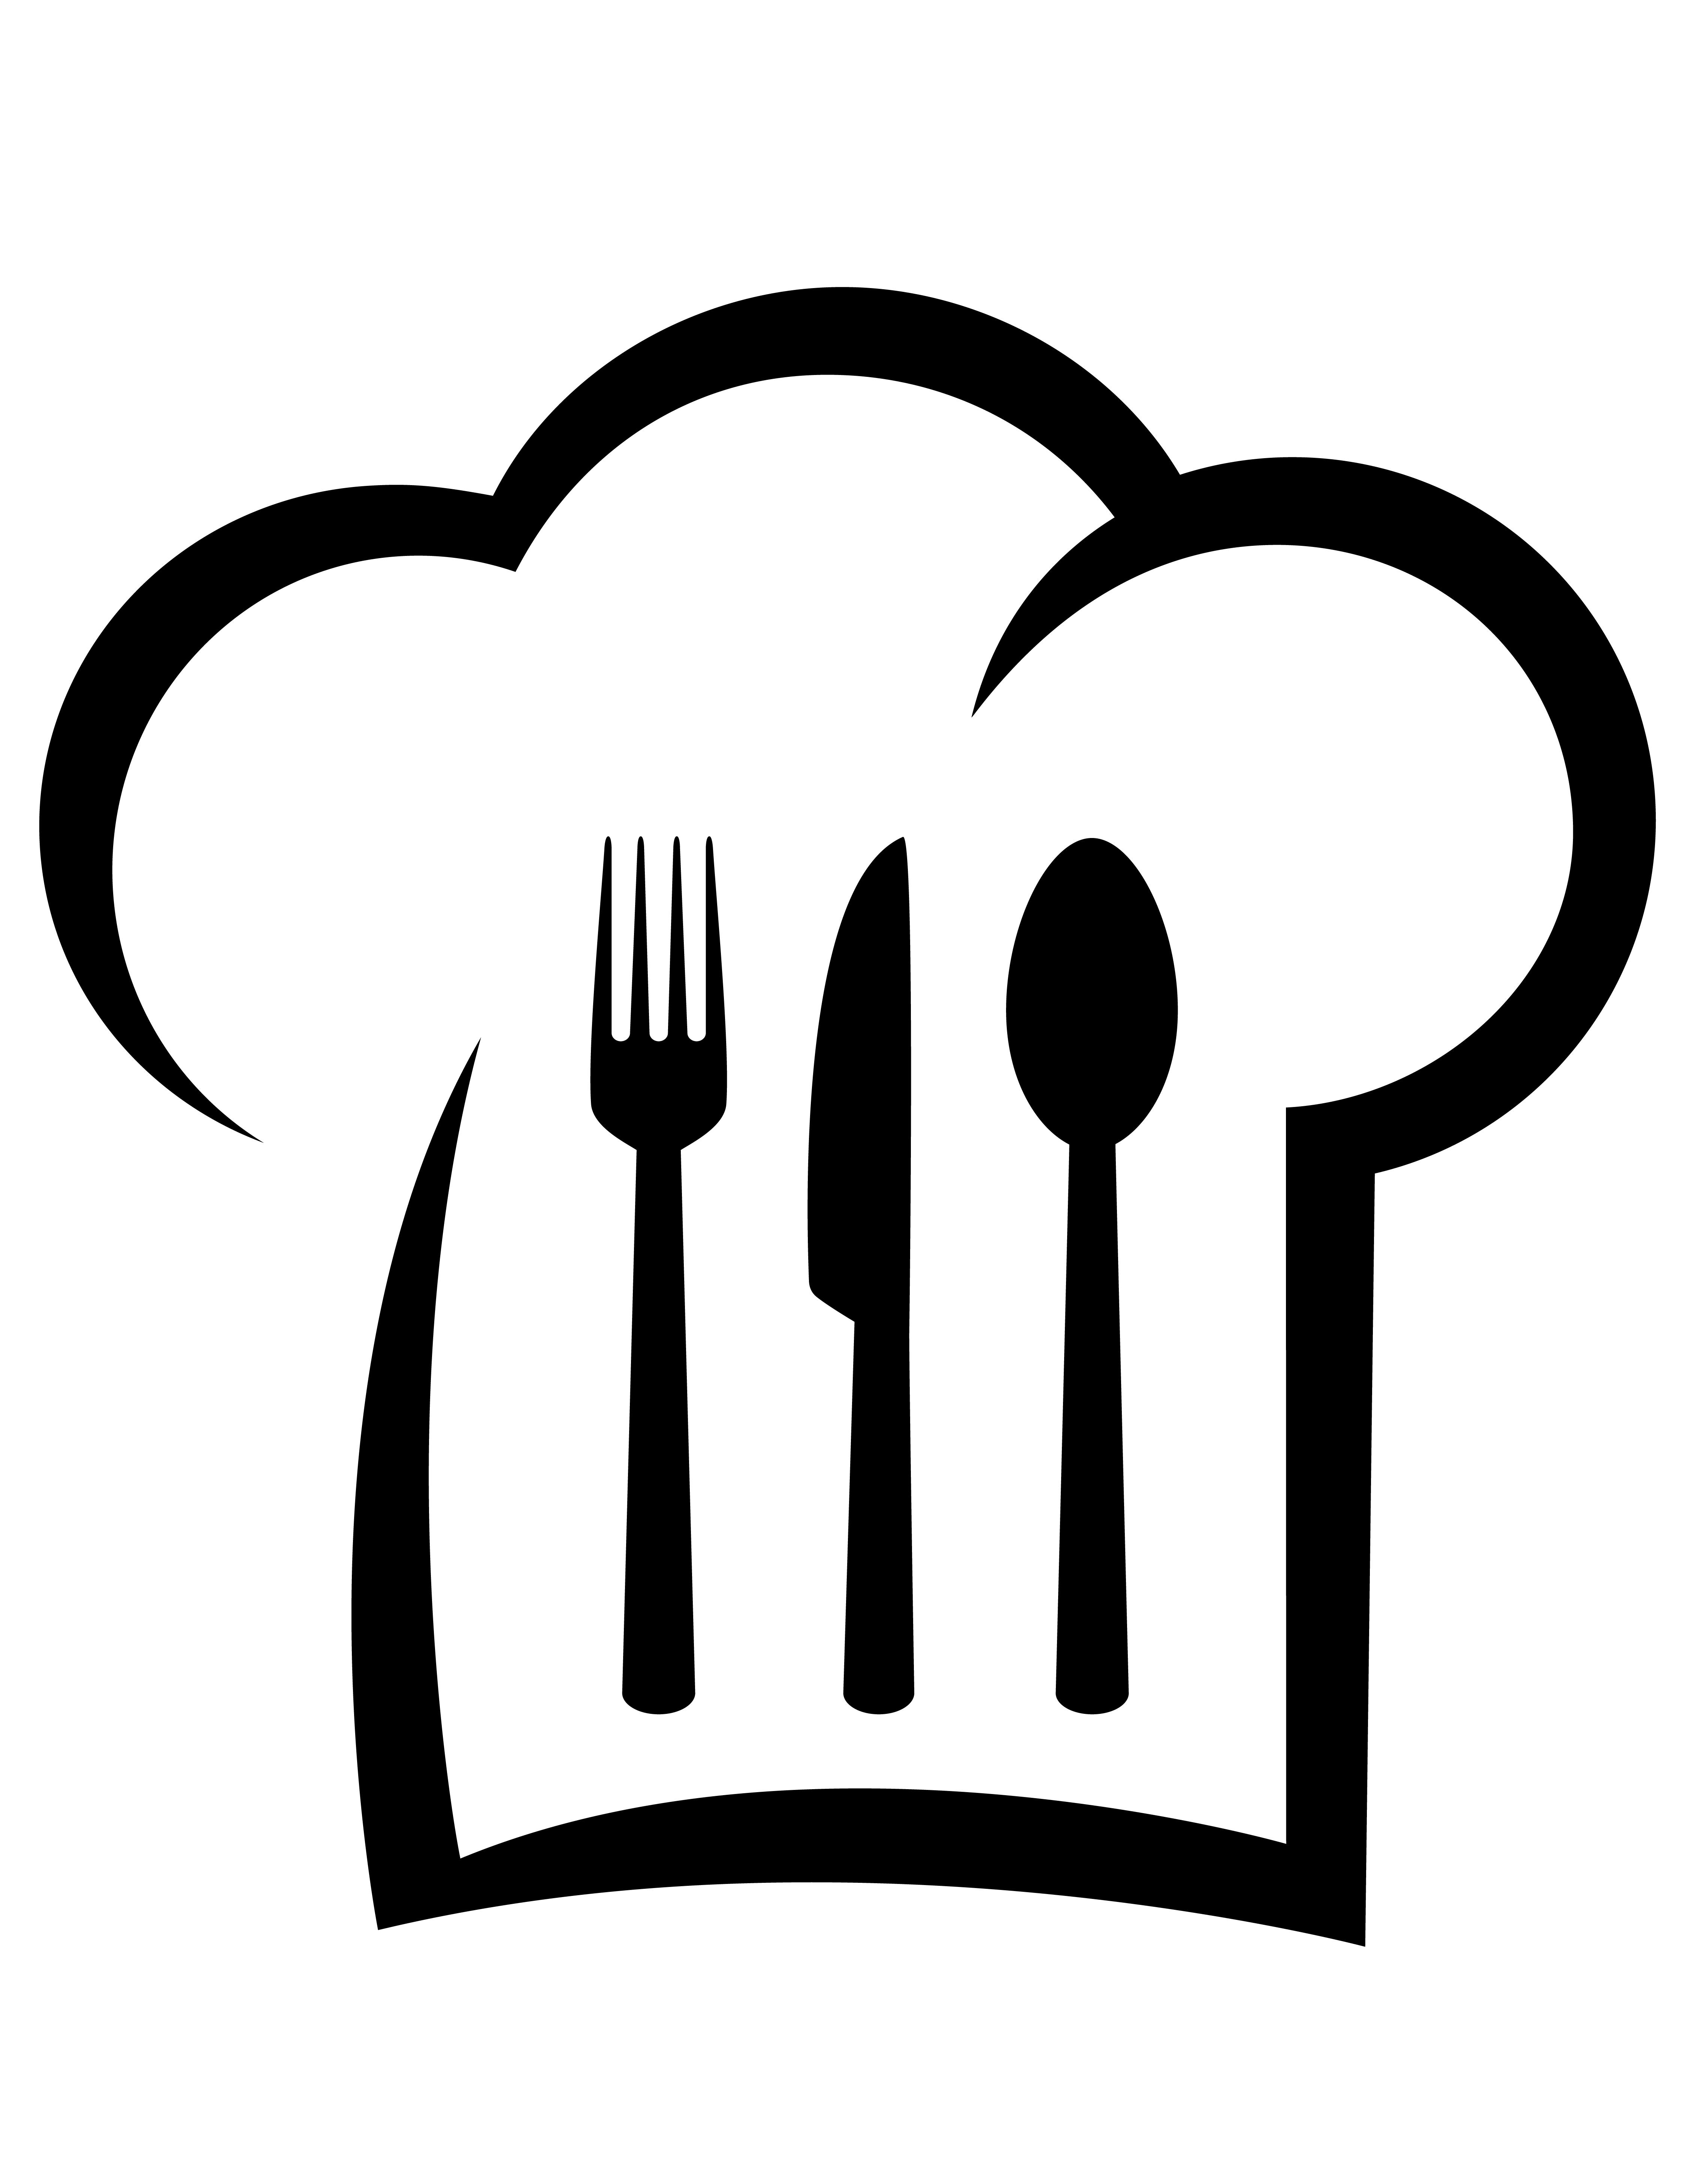 Λογότυπο Γιάννης - Σαλαμίνα Cafe